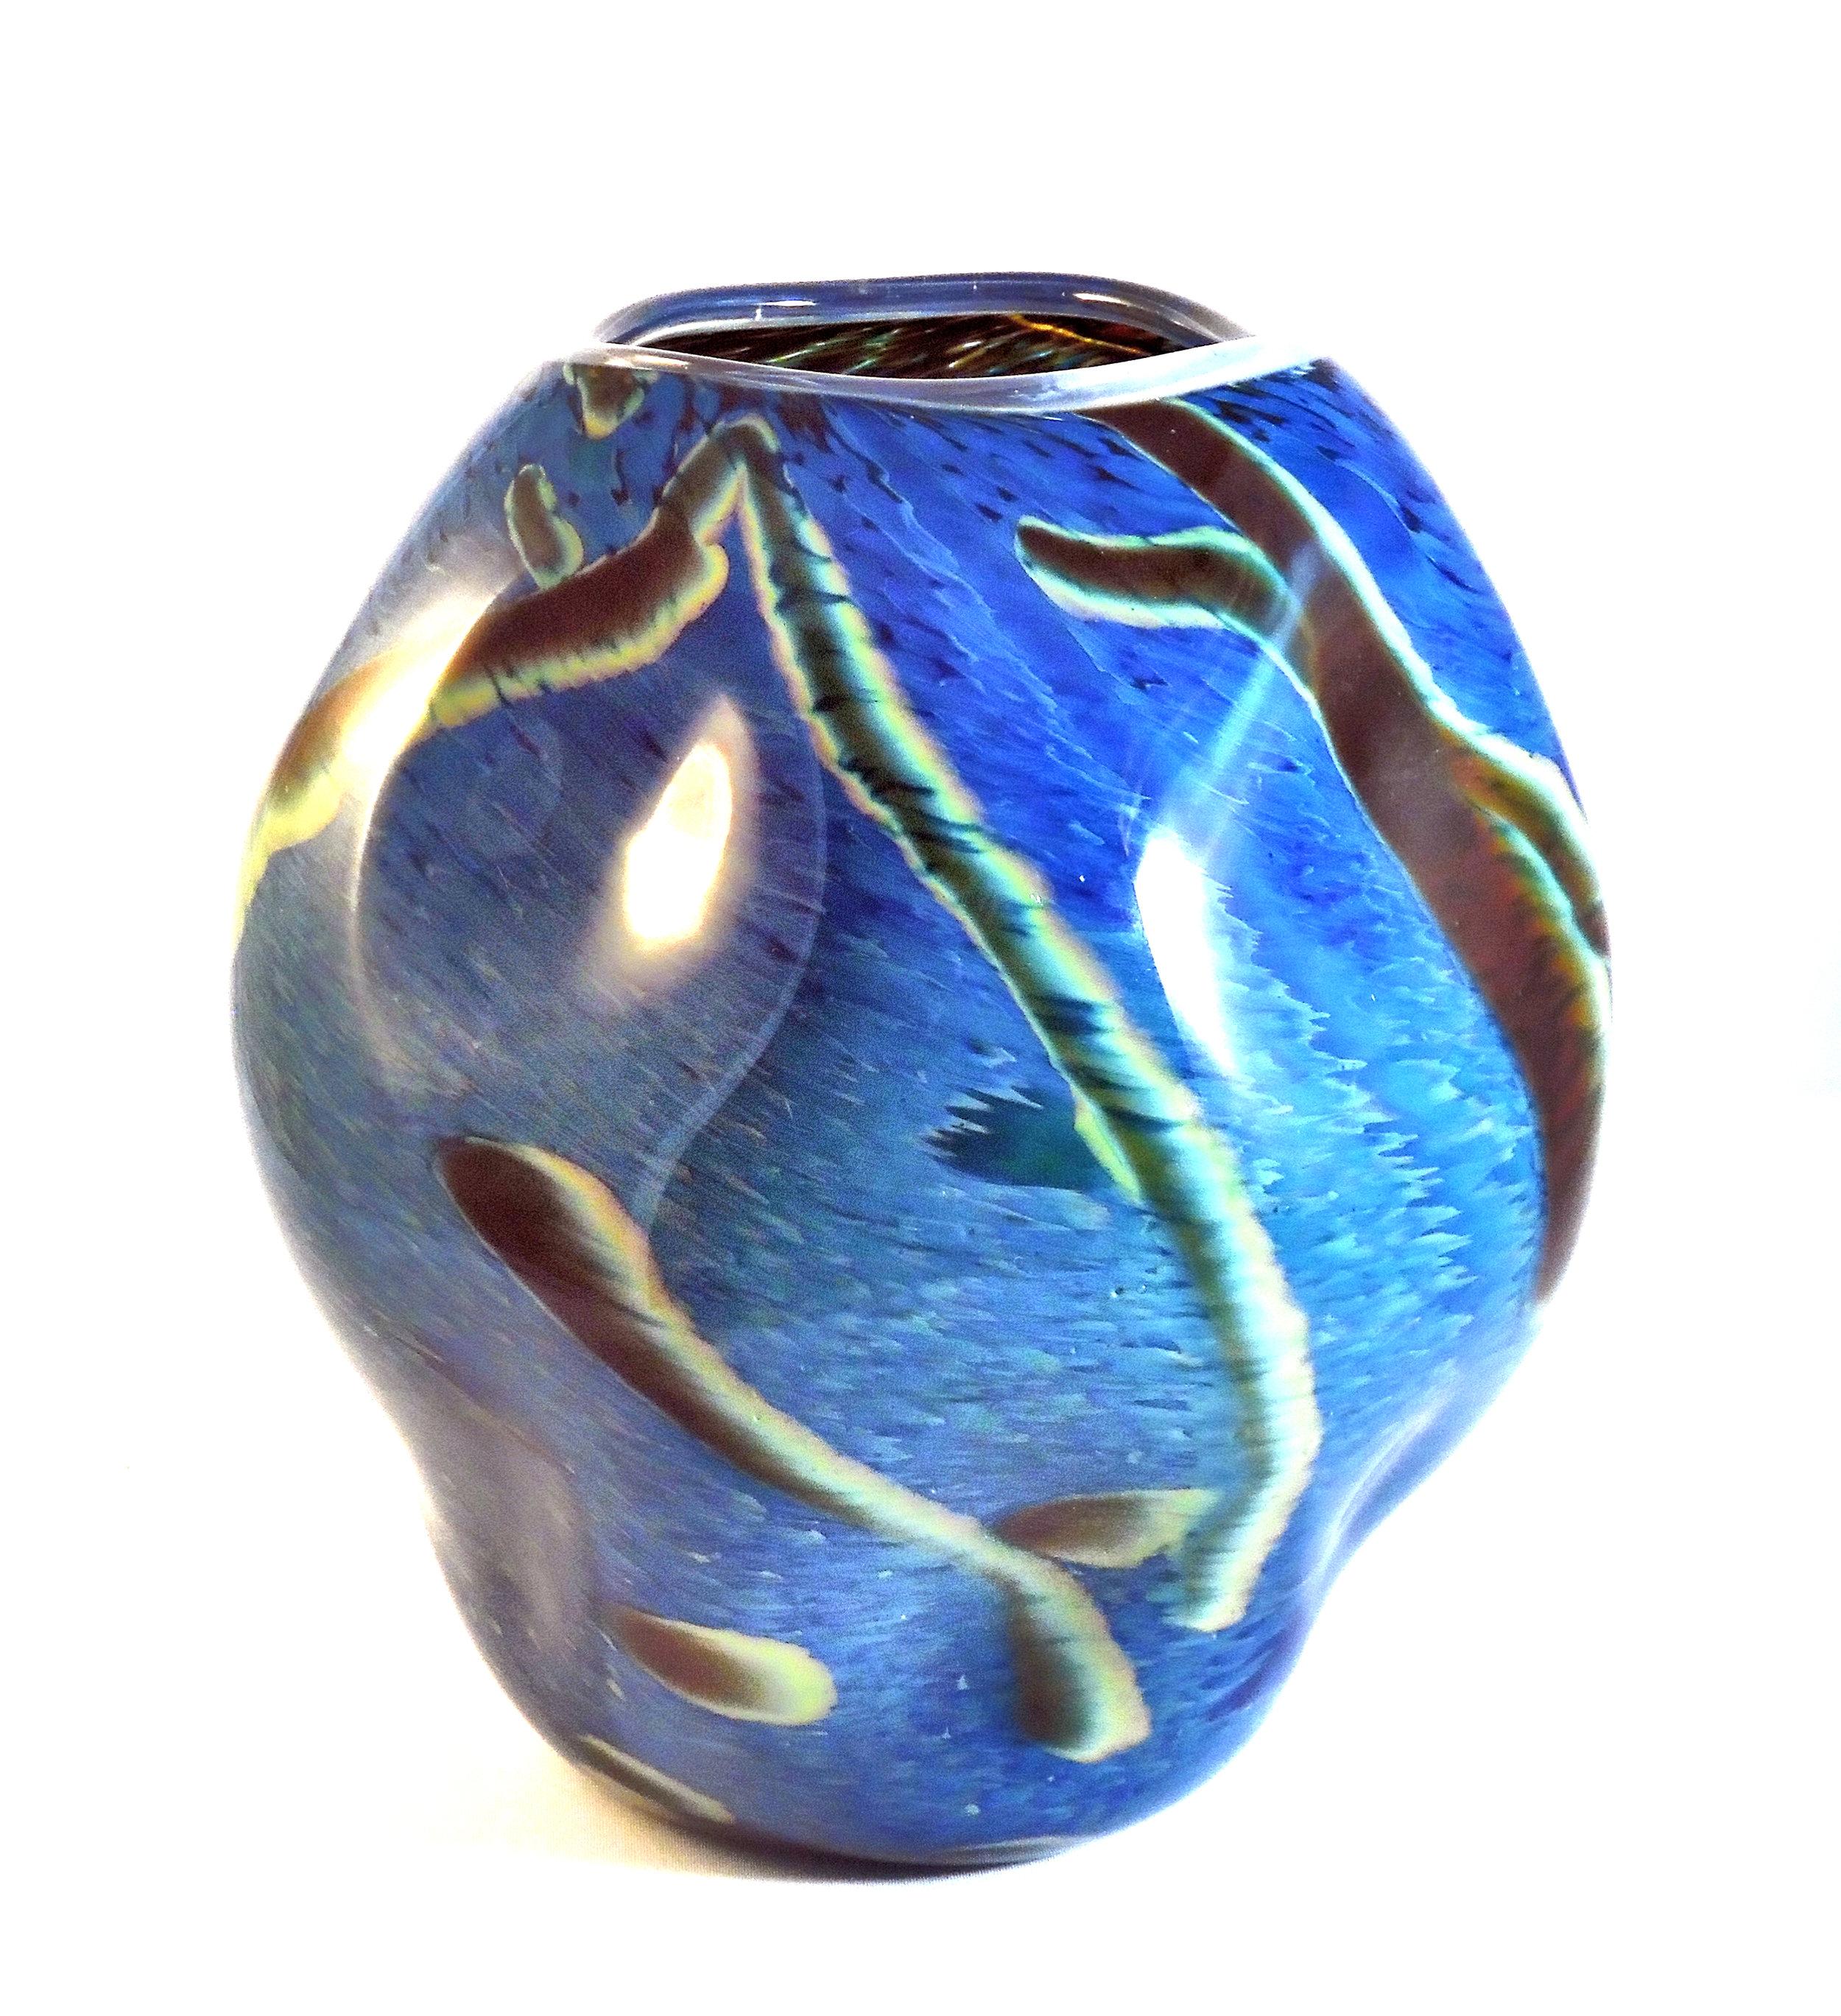 Boulder Vase by Nicole Tremblay